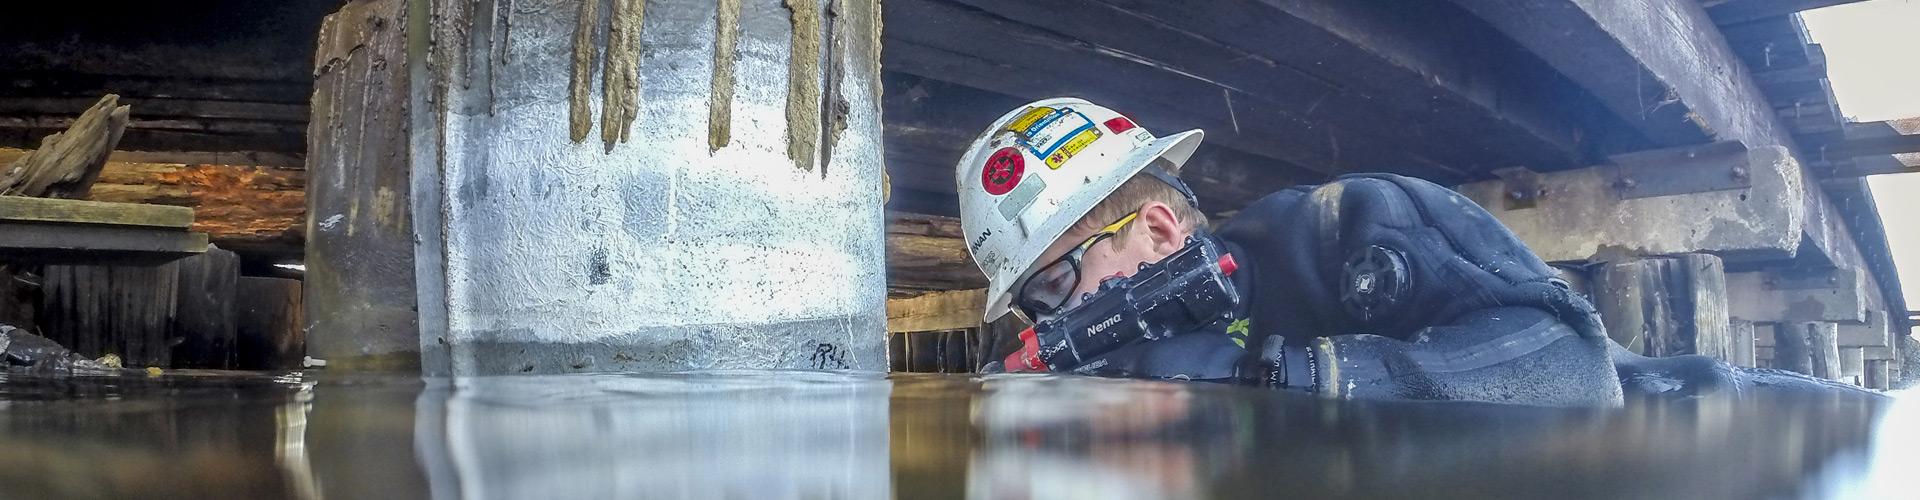 underwater construction, underwater pier repairs, bridge pier repairs, pier repairs, concrete repairs, pile jackets